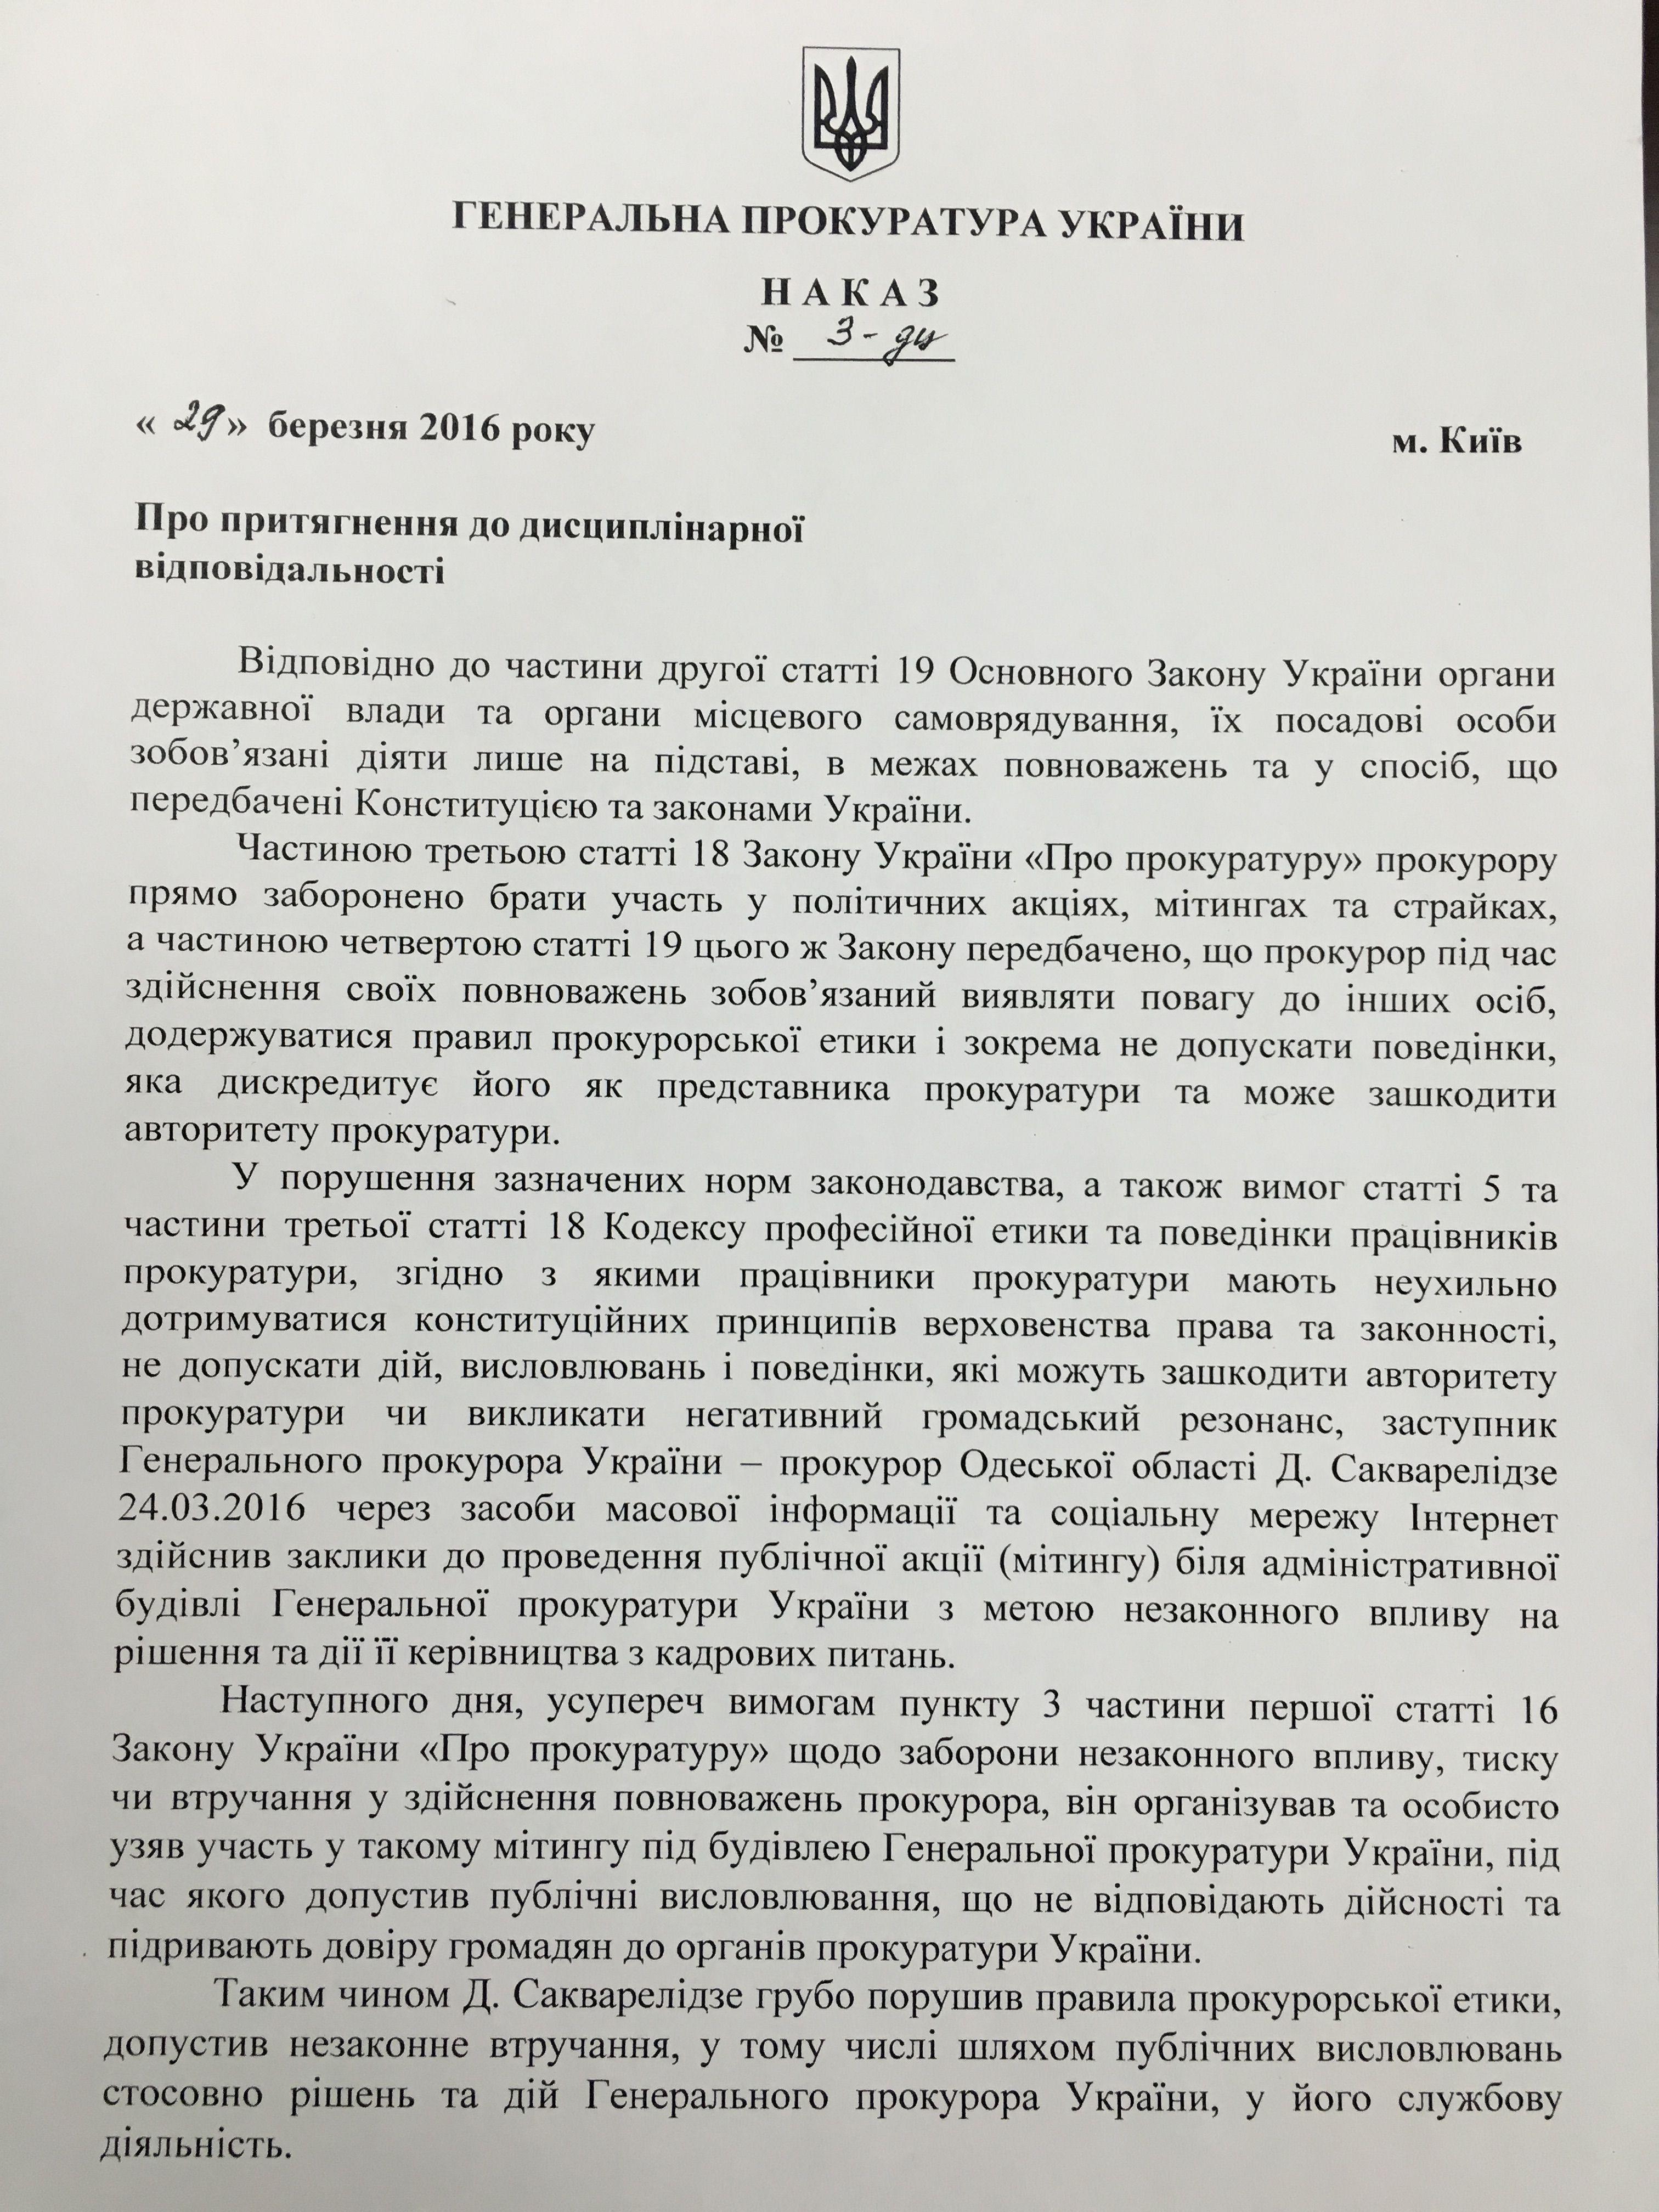 Шокін звільнив Сакваралідзе (ДОКУМЕНТ) - фото 3